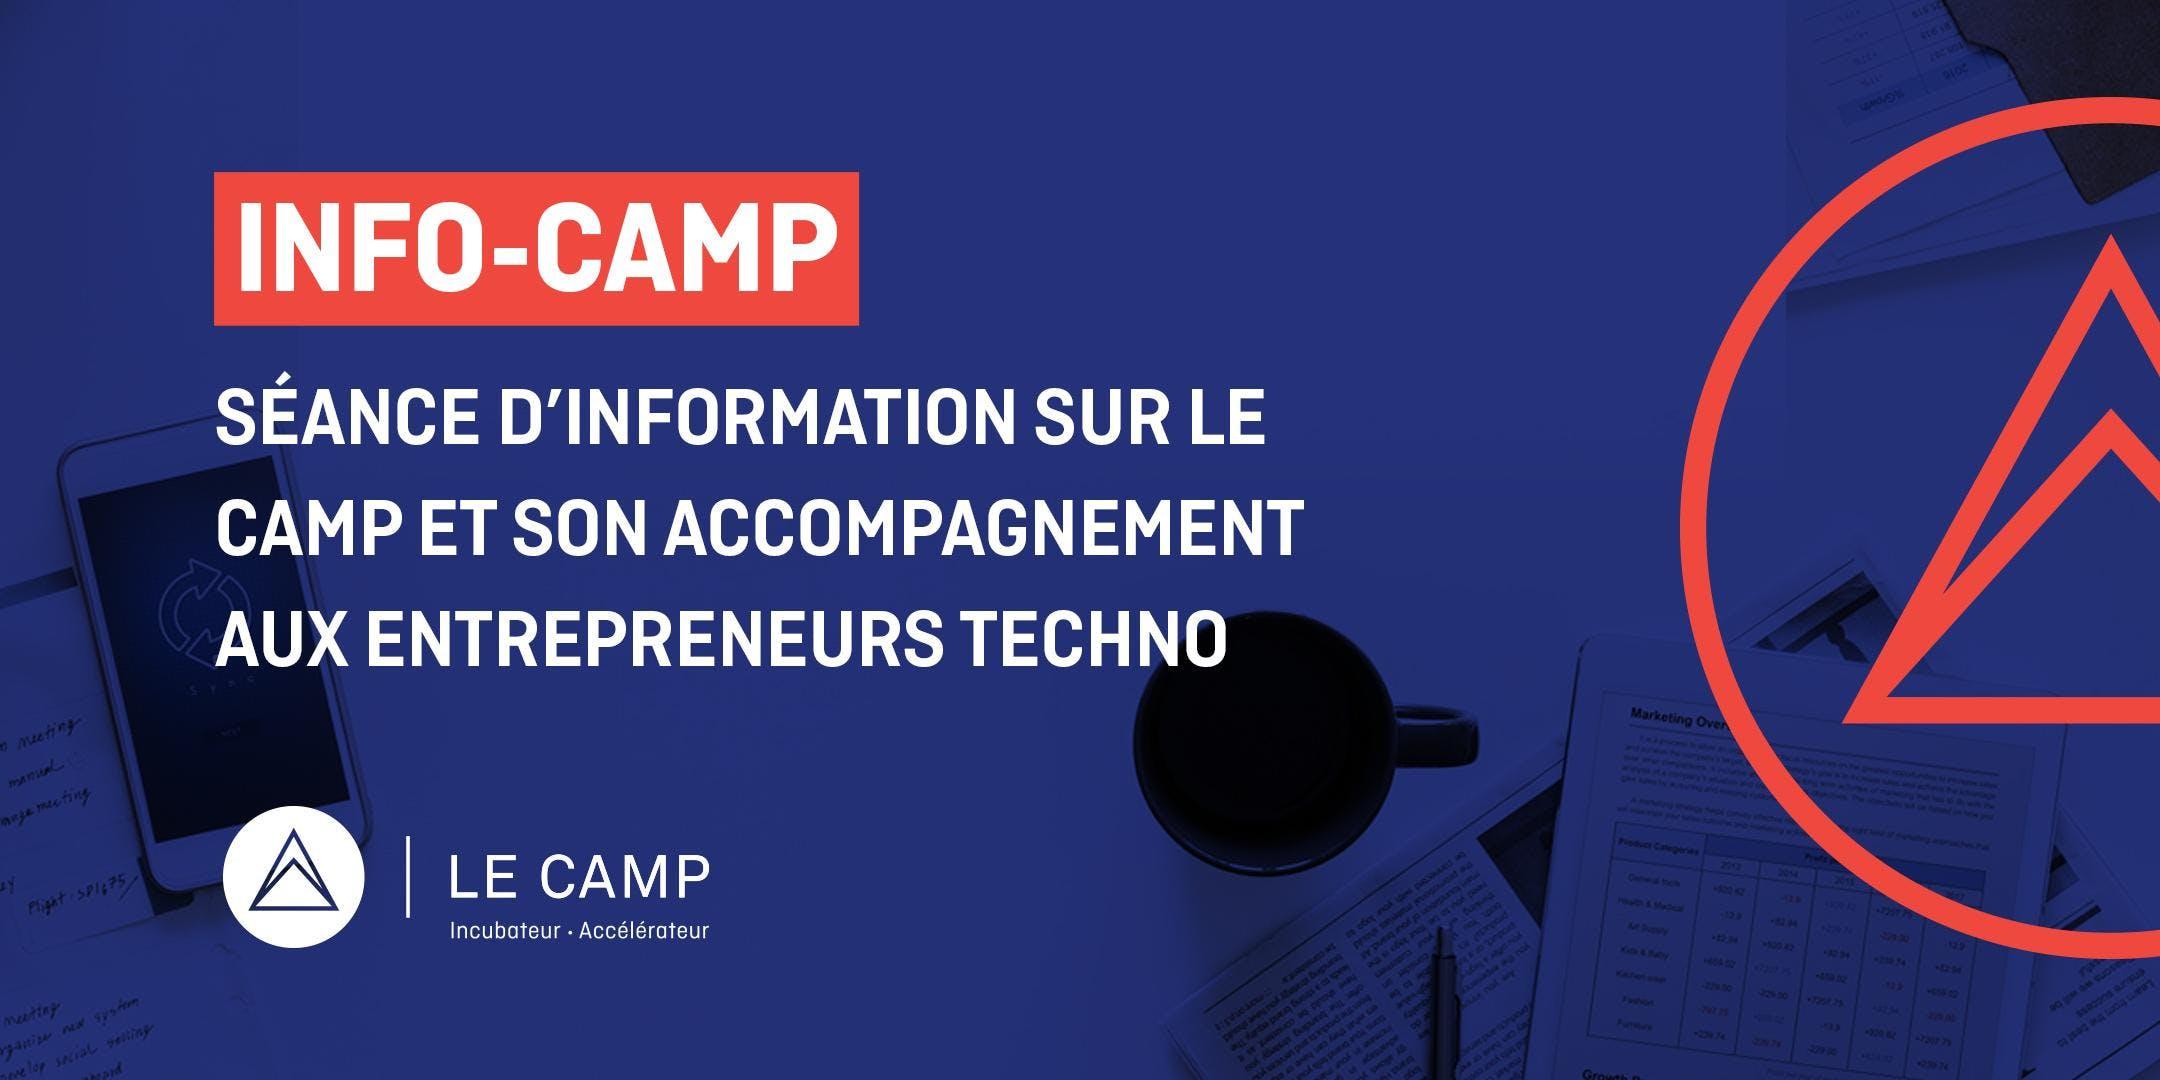 INFO CAMP - Séance d'information sur LE CAMP